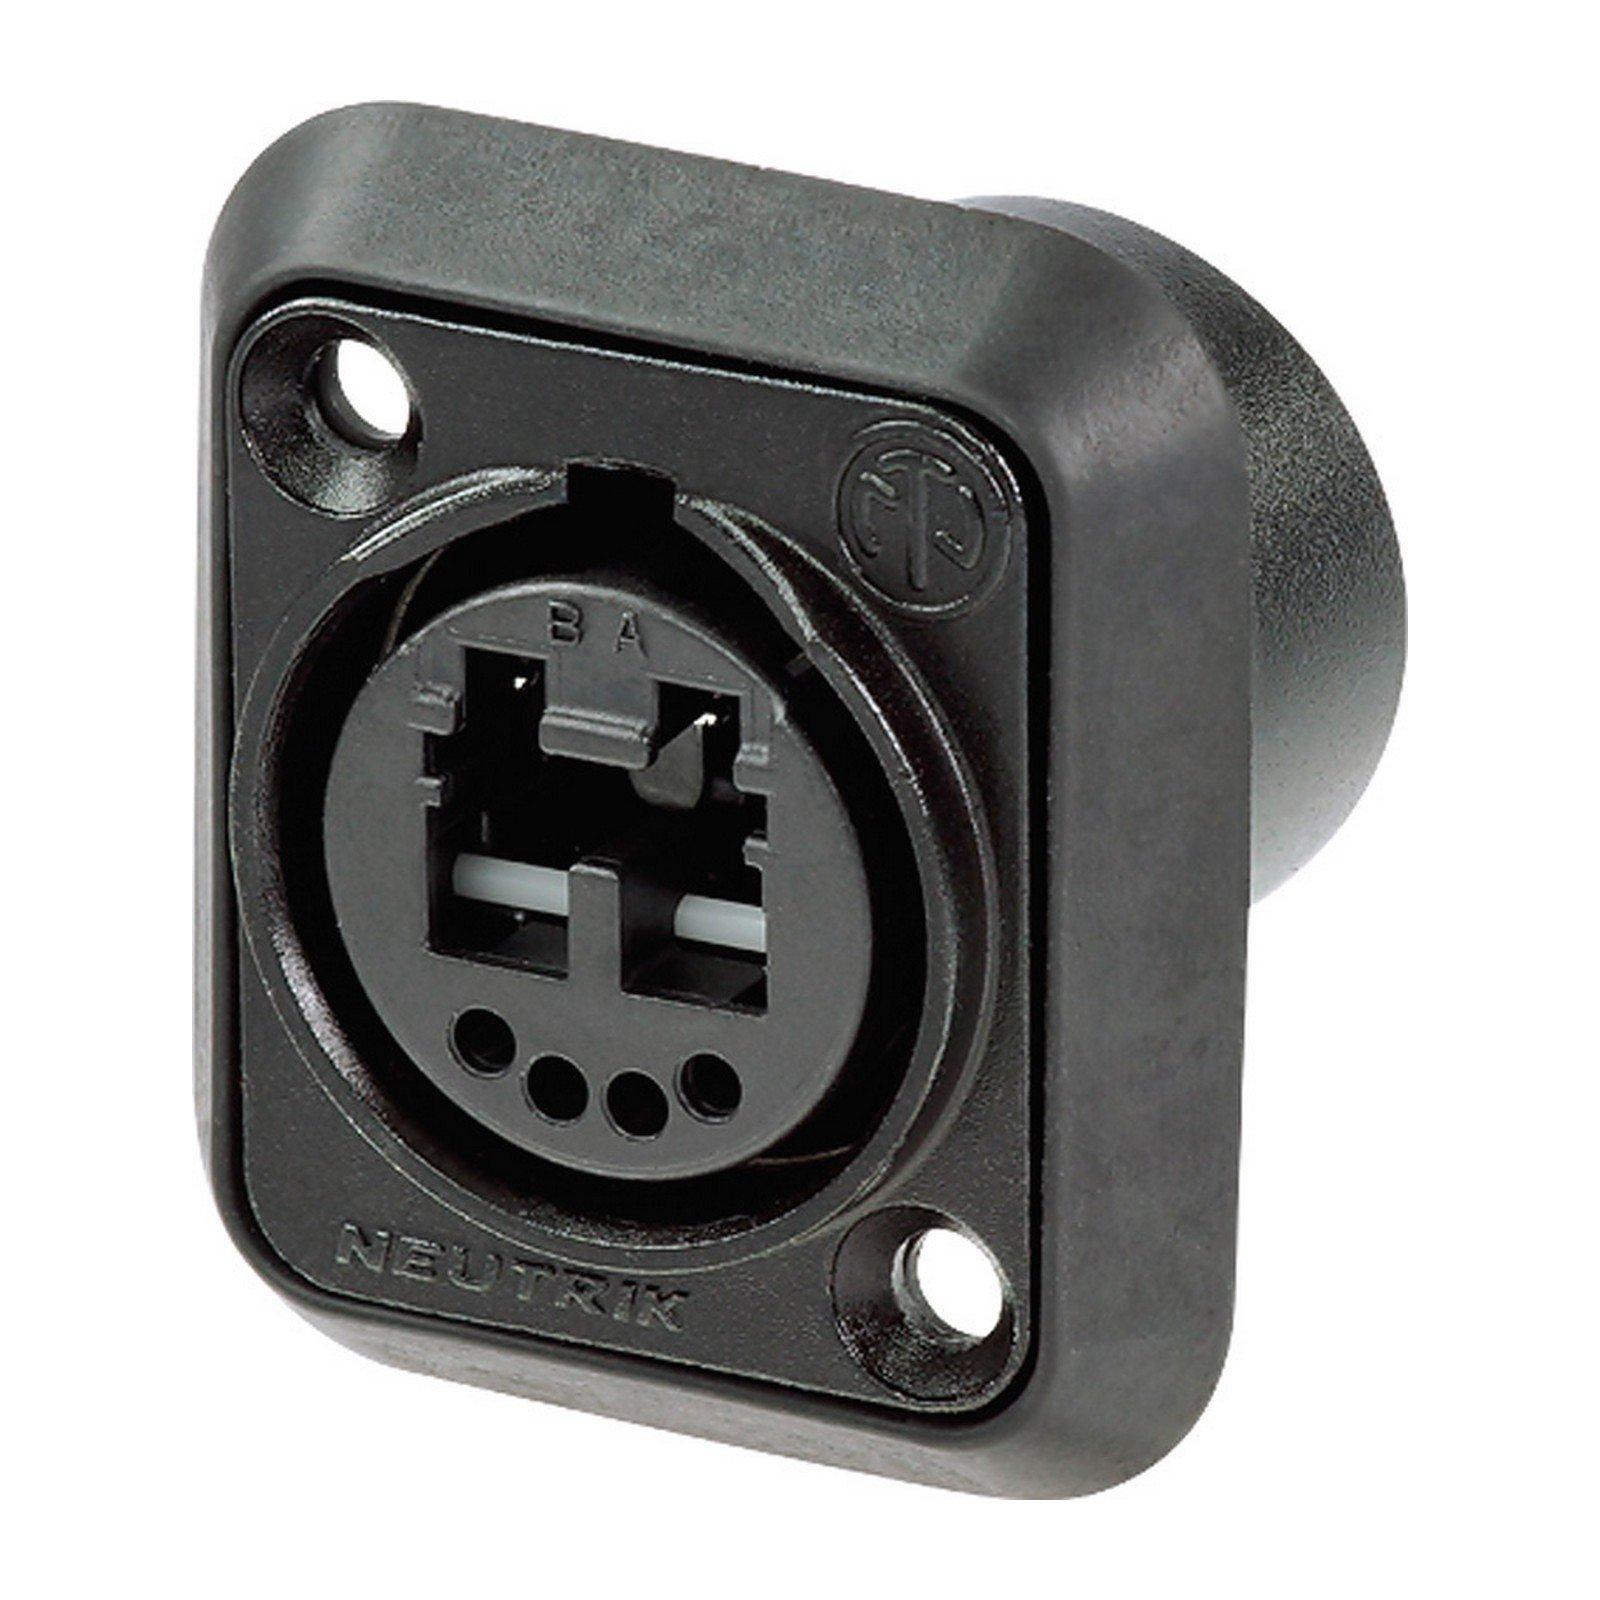 Neutrik NO2-4FDW-A Connector Fiber Optics